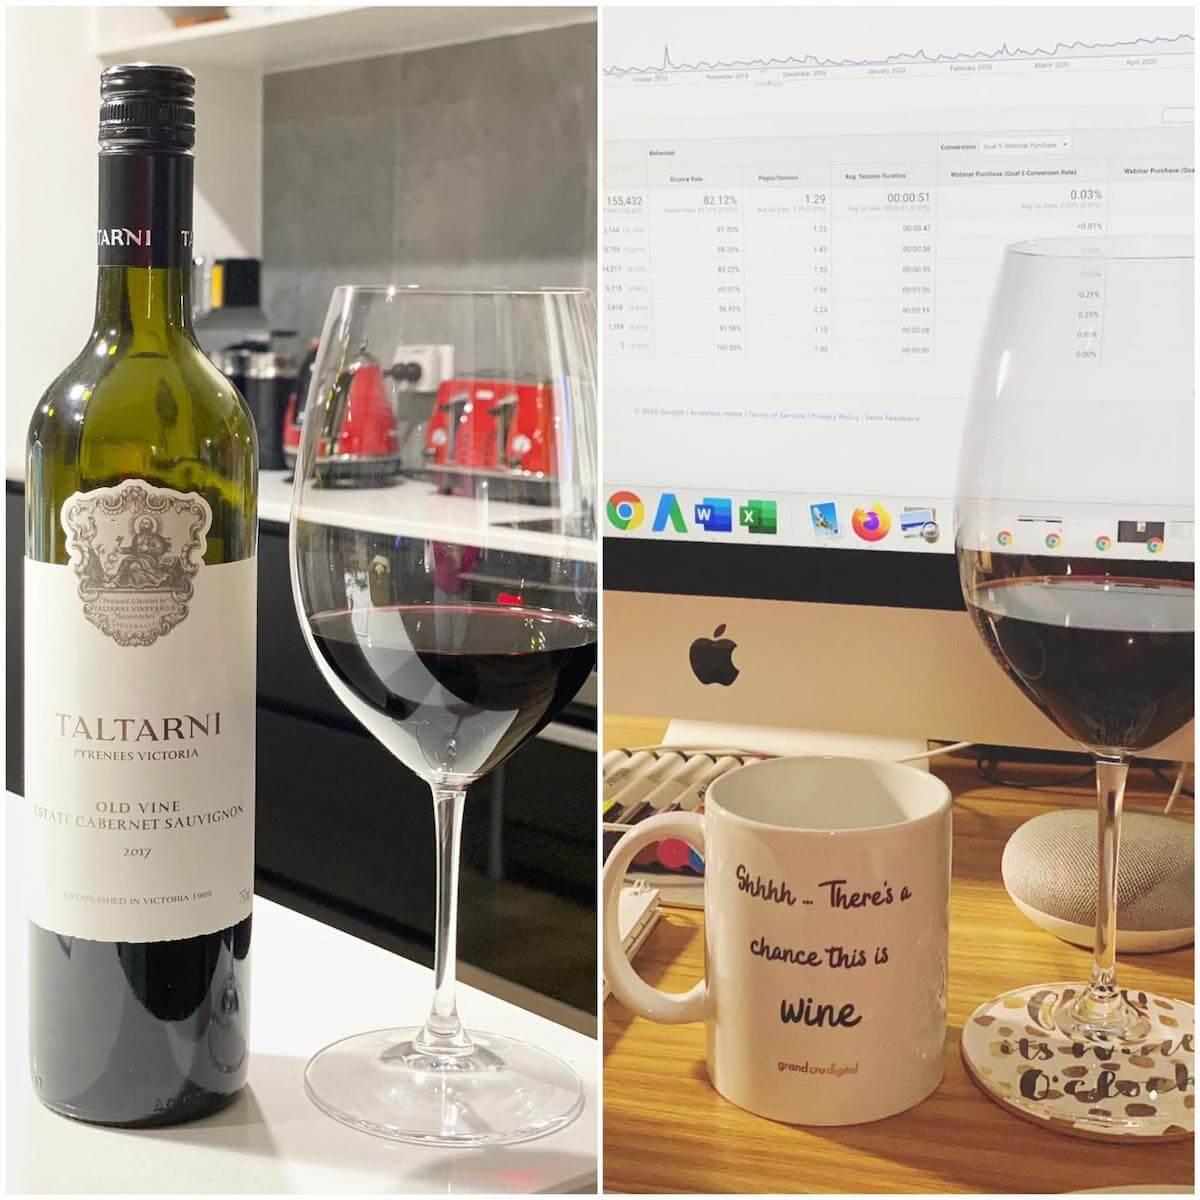 Taltarni 2017 Old Vine Estate Cabernet Sauvignon